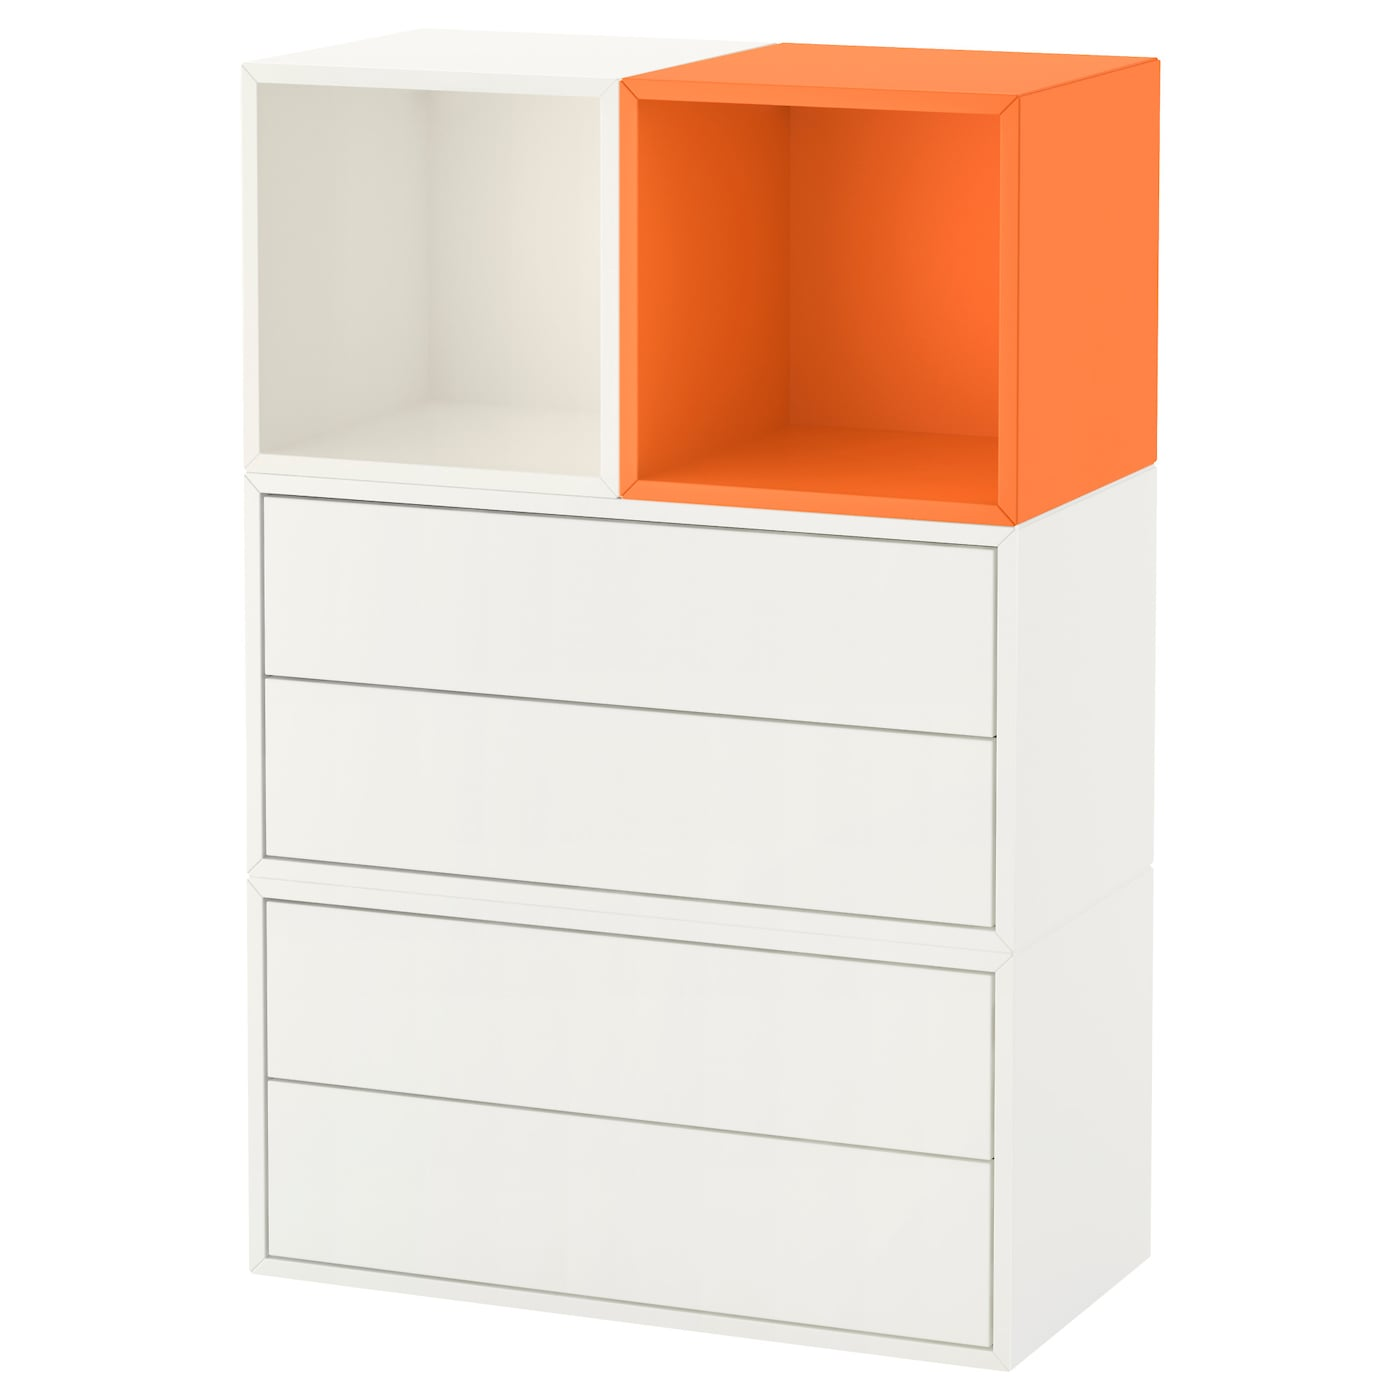 eket kastencombinatie voor wandmontage wit oranje. Black Bedroom Furniture Sets. Home Design Ideas